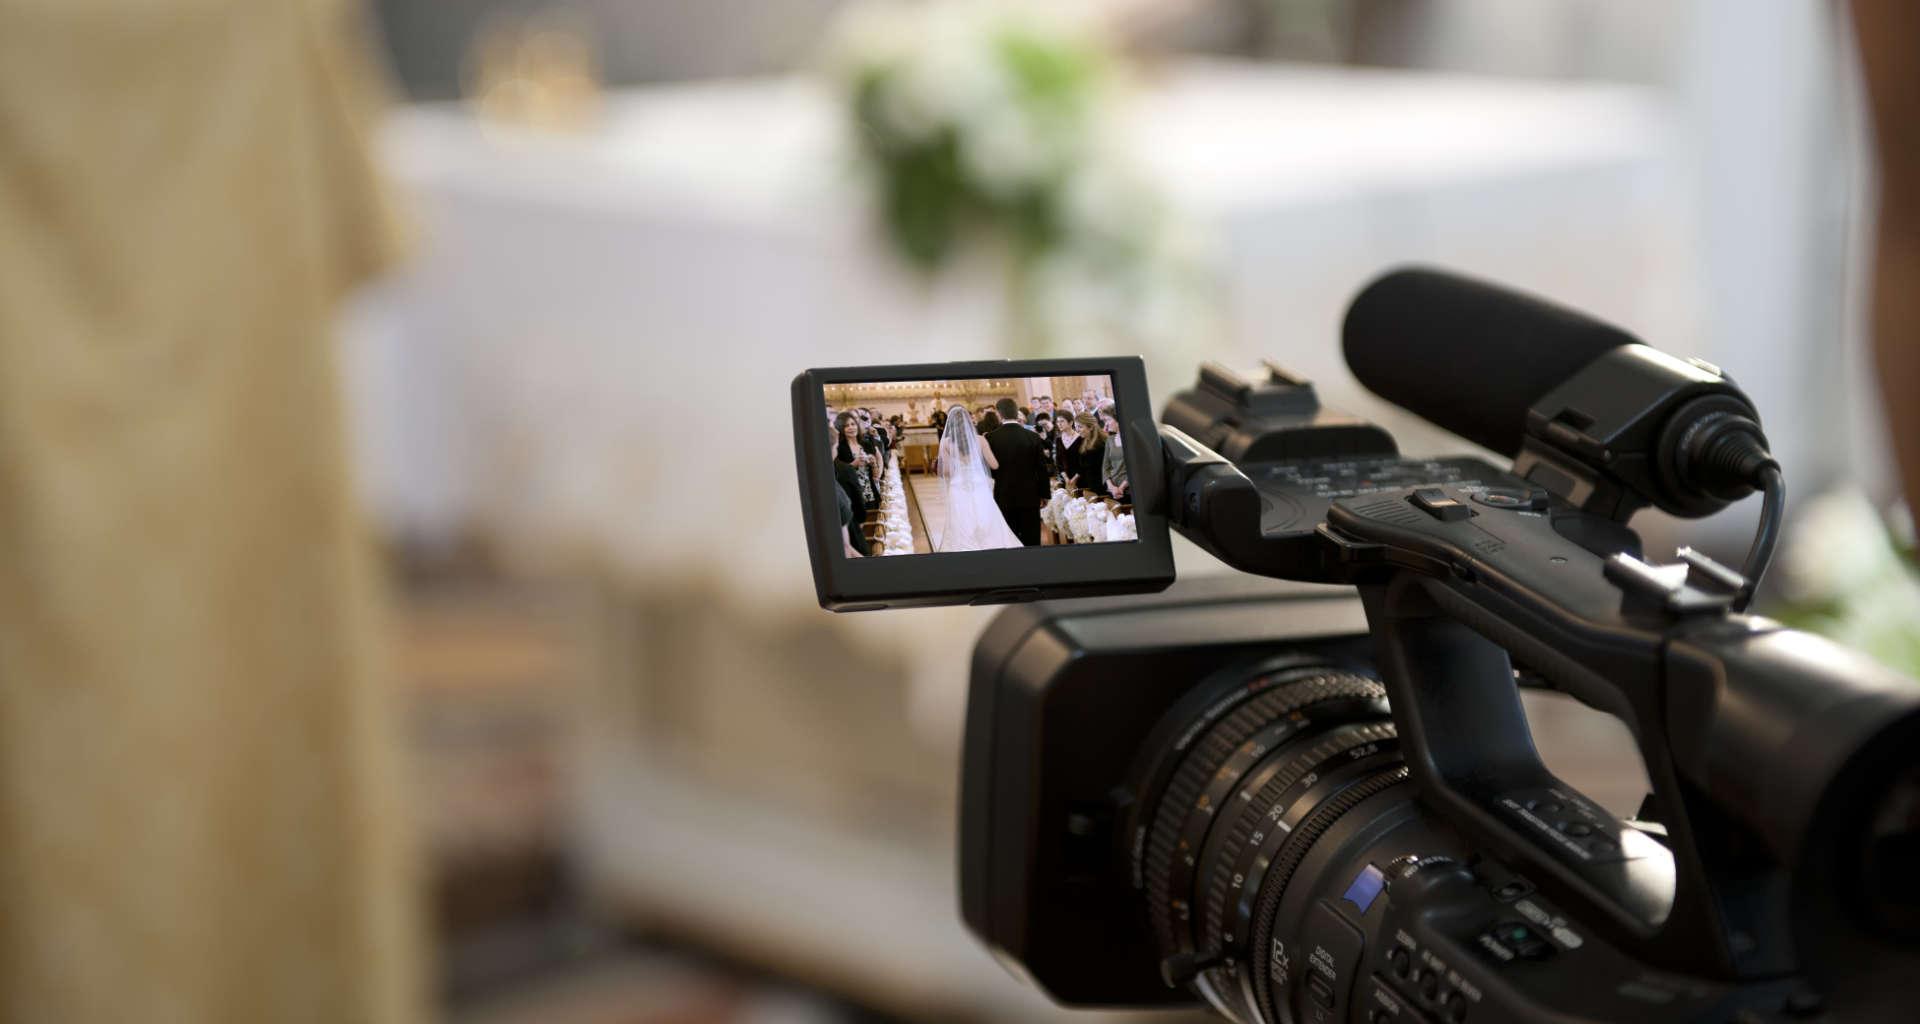 Iščete snemalca za svojo poroko? Pomagali vam bomo najti pravega snemalca za vašo poroko